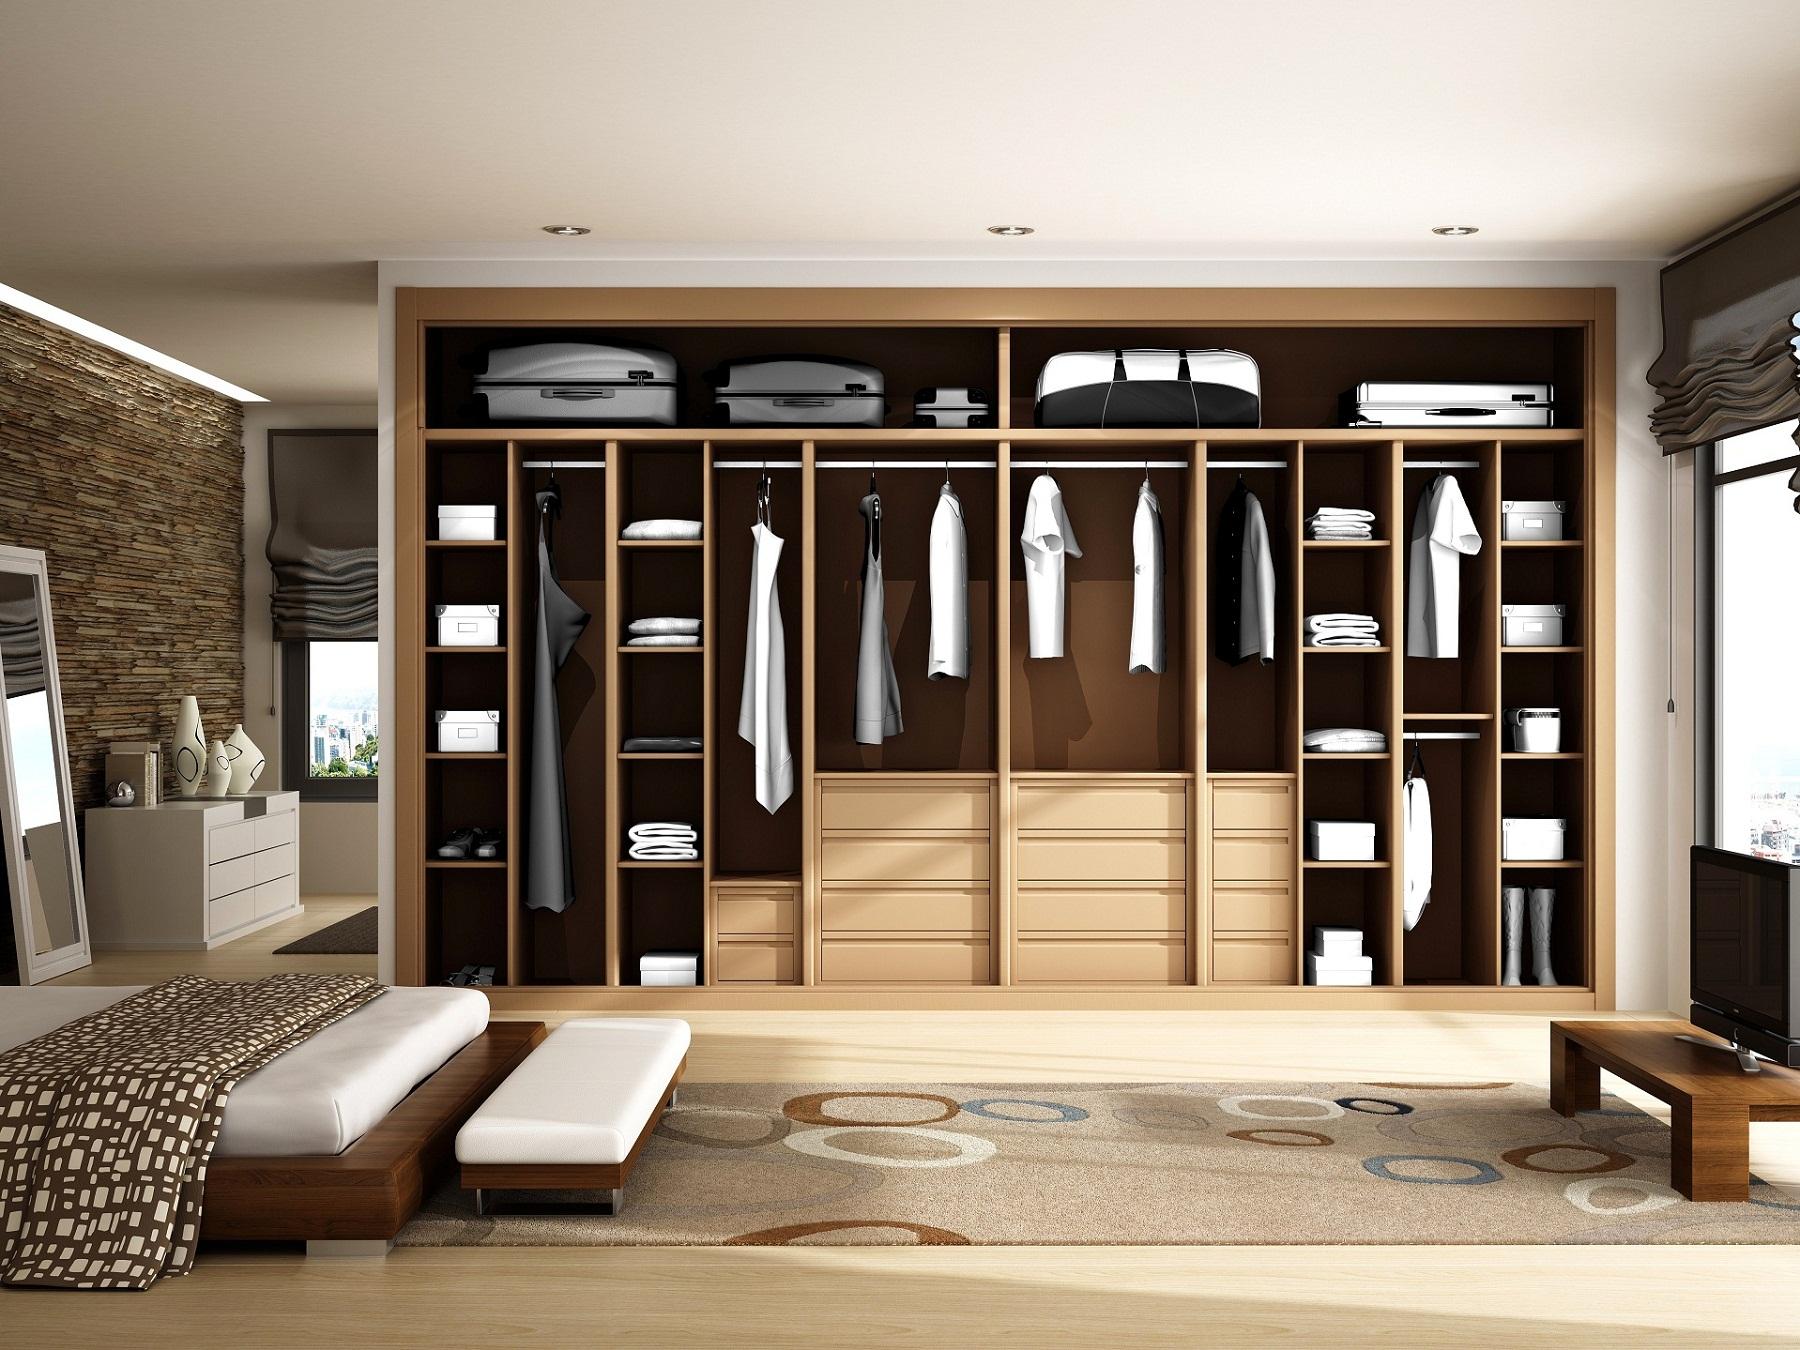 Del valle armarios for Accesorios para interiores de armarios de cocina